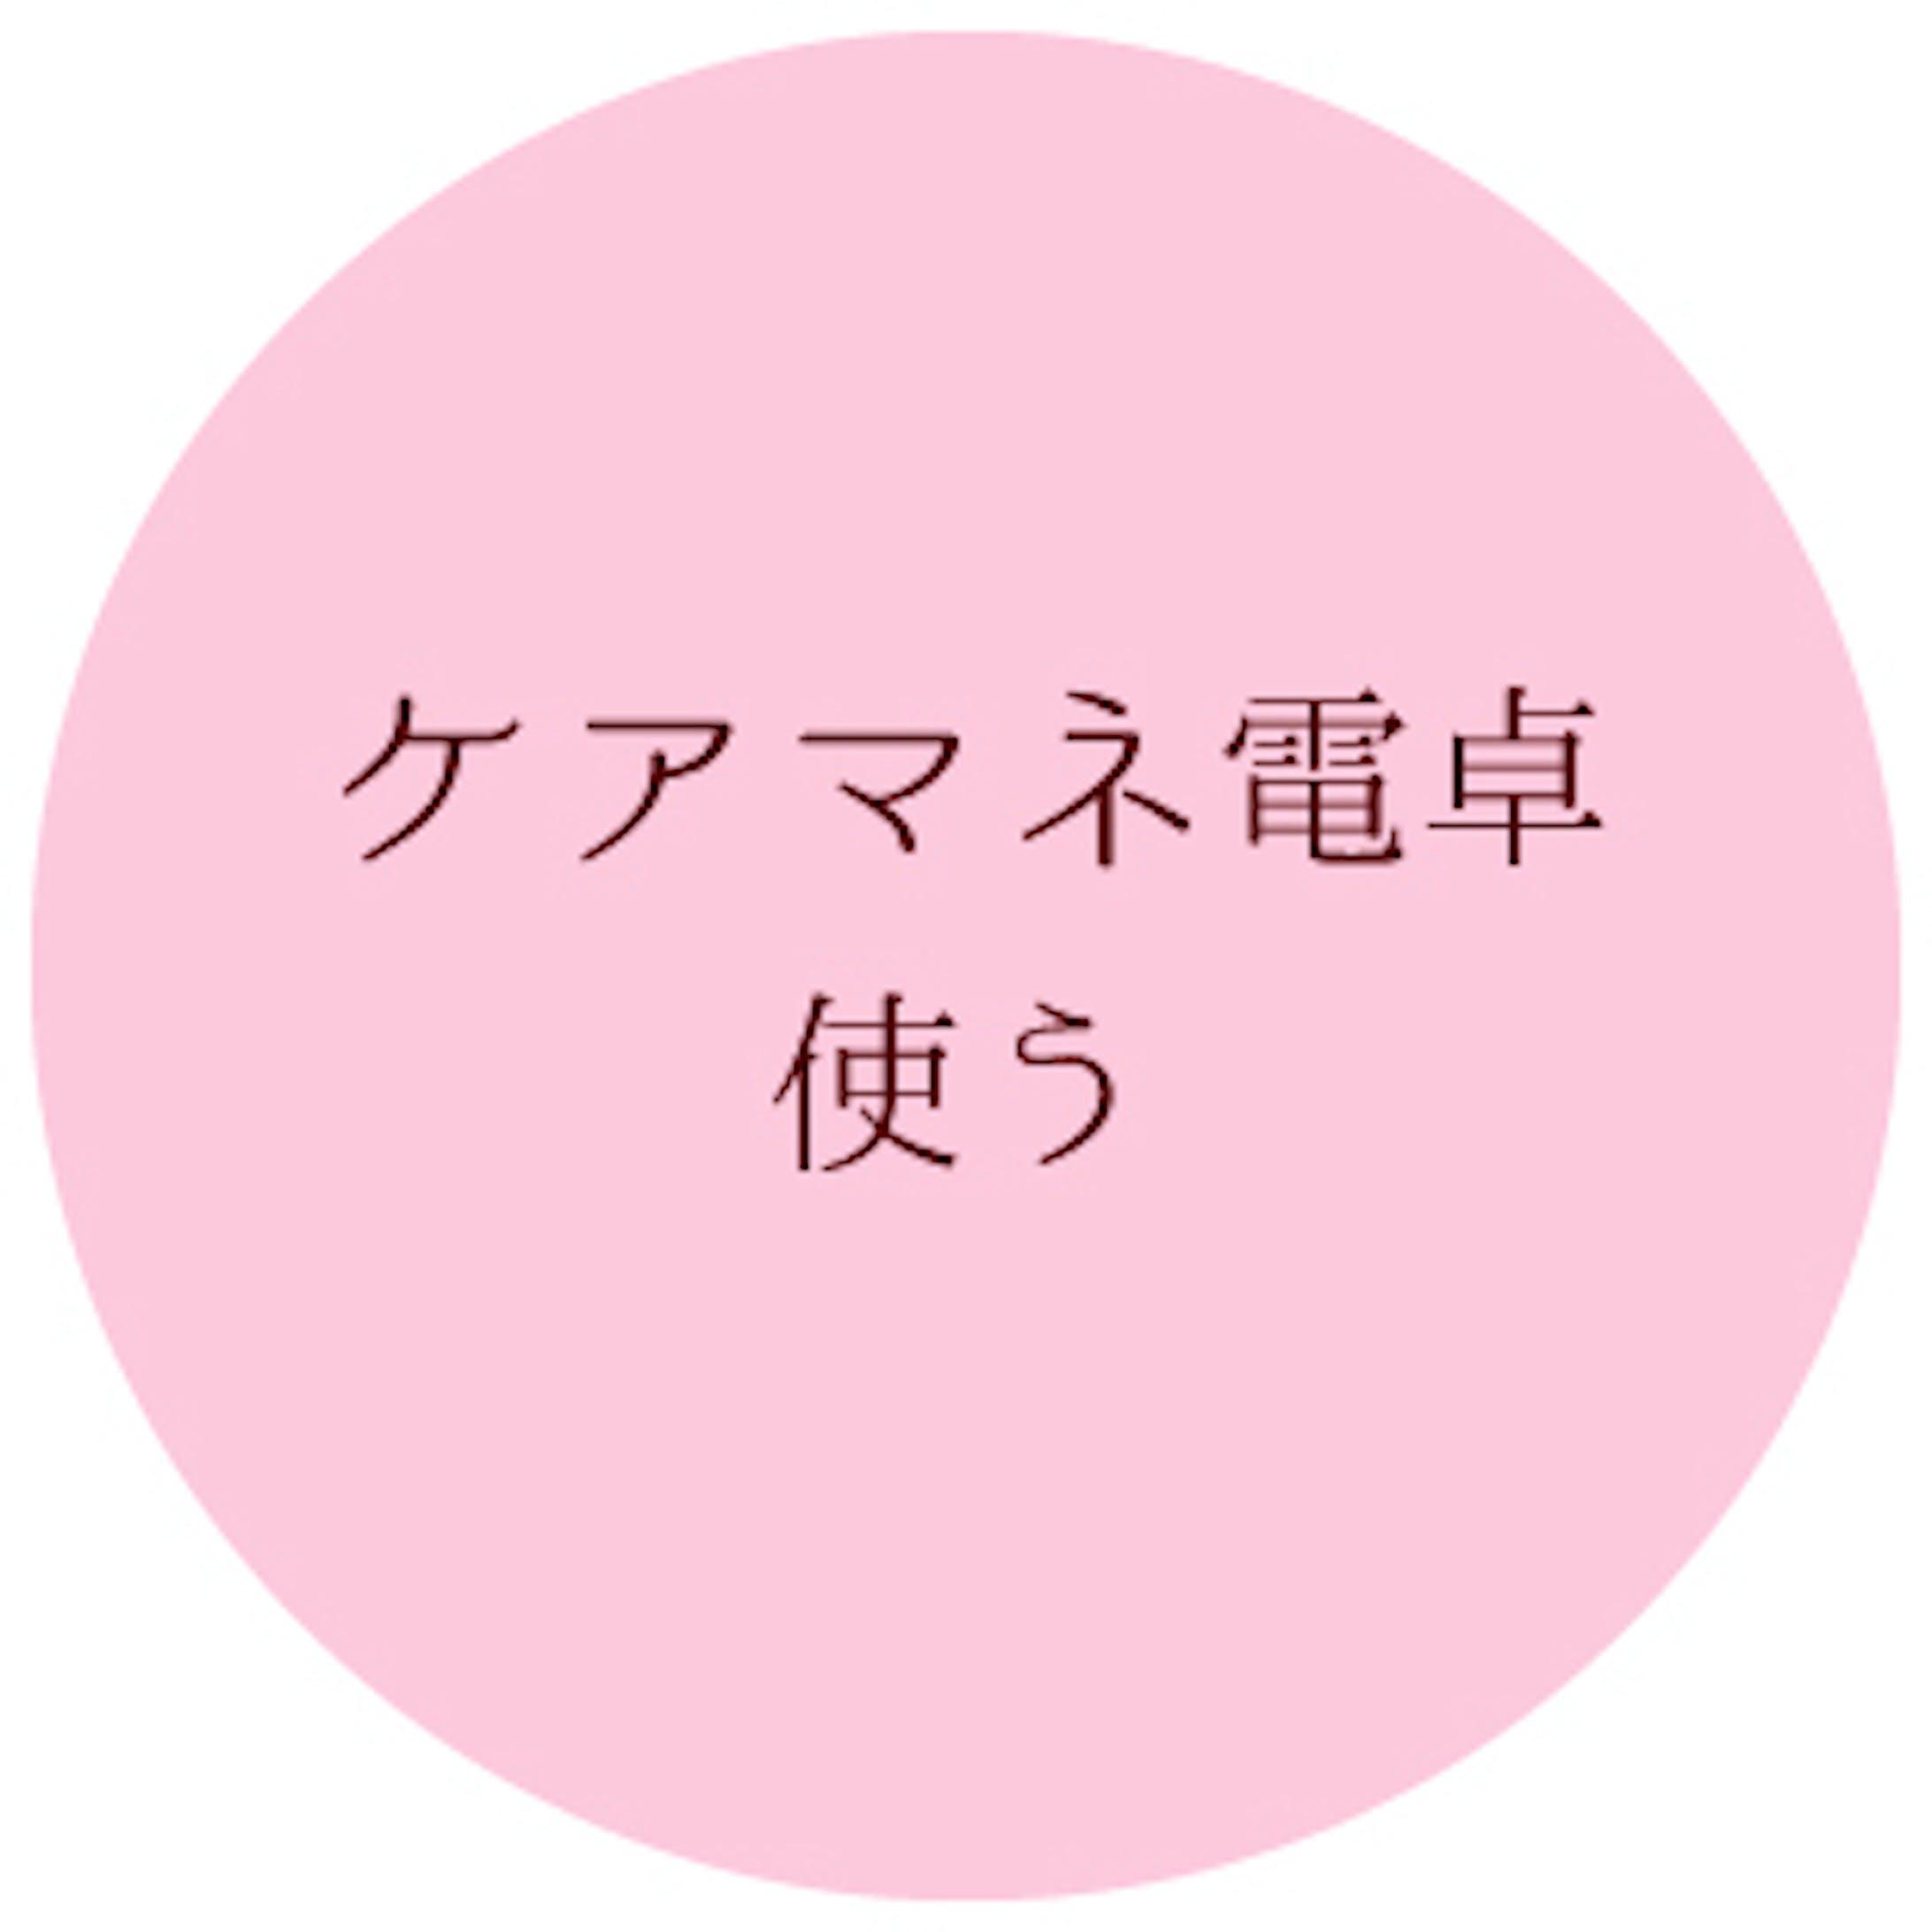 ケアマネ電卓-3